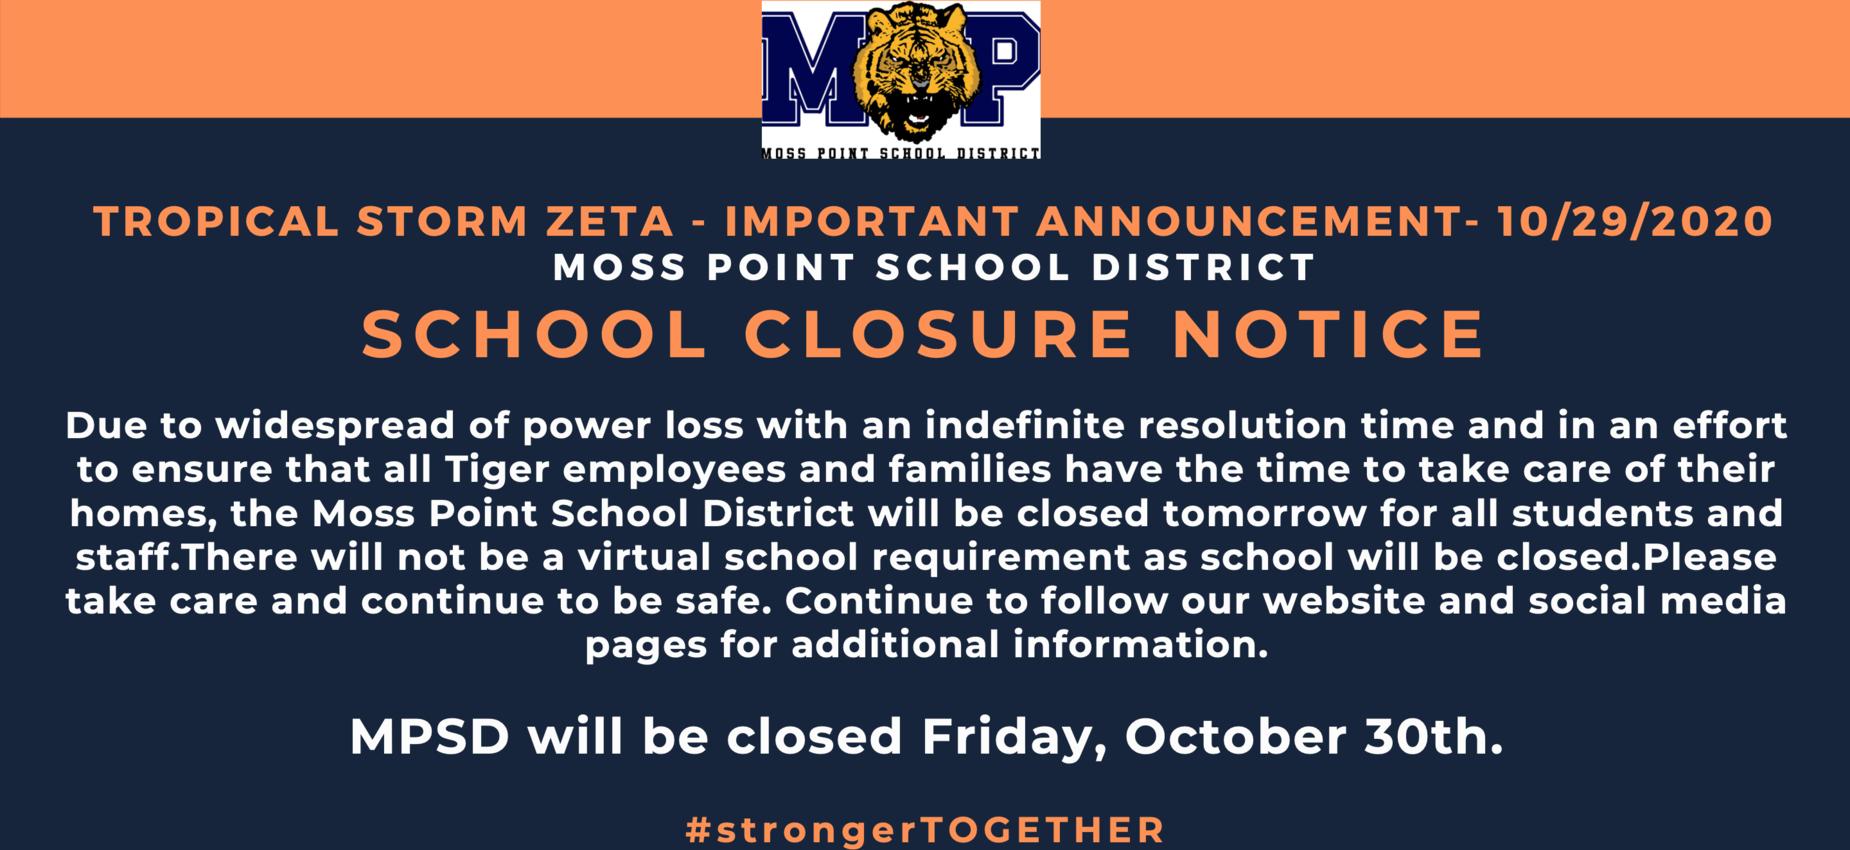 SCHOOL CLOSURE NOTICE - NO SCHOOL FRIDAY - 10/29/2020